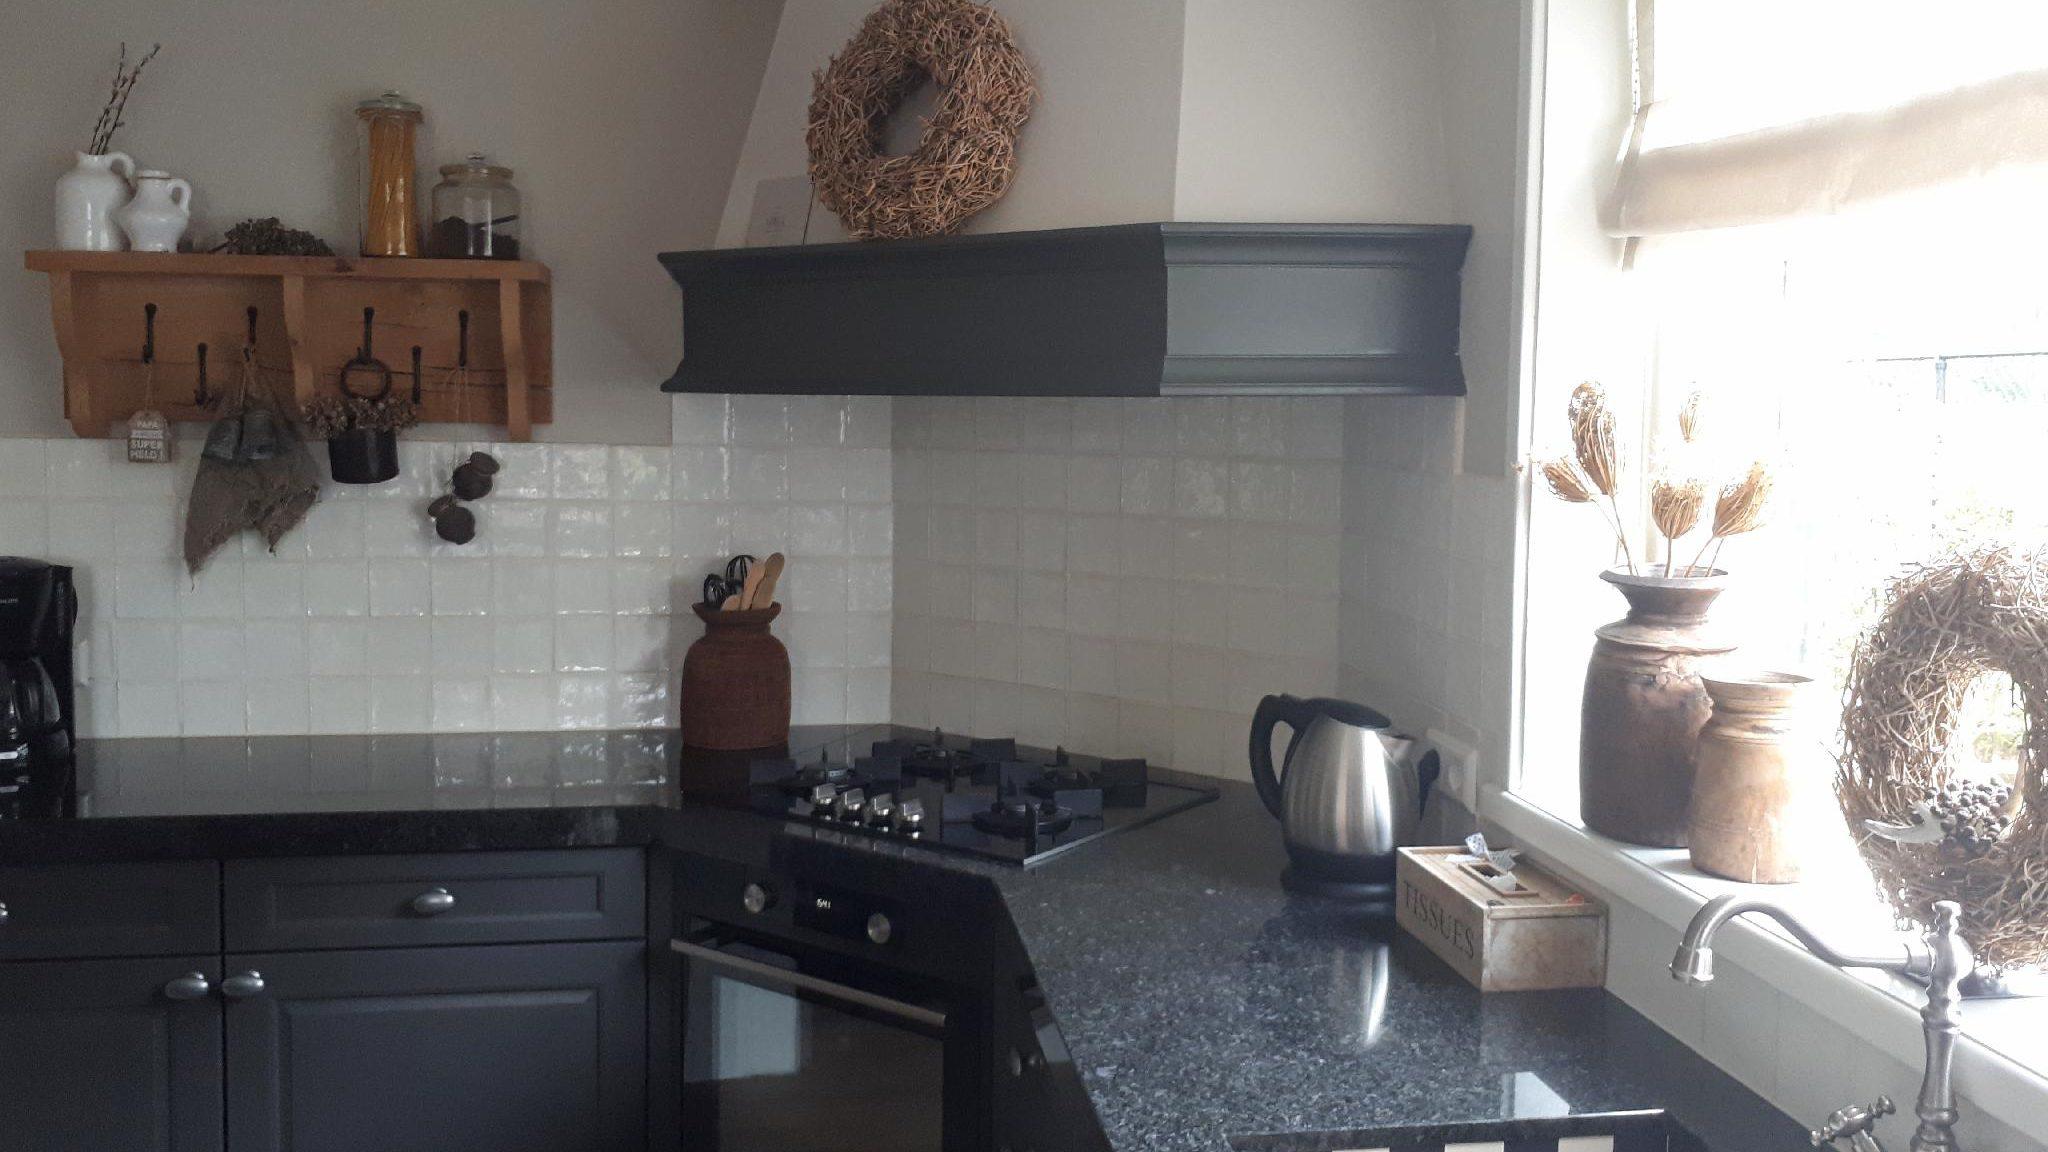 Uw keuken weer als nieuw na een keukenrenovatie. Wij werken op het eiland Tholen en omstreken.